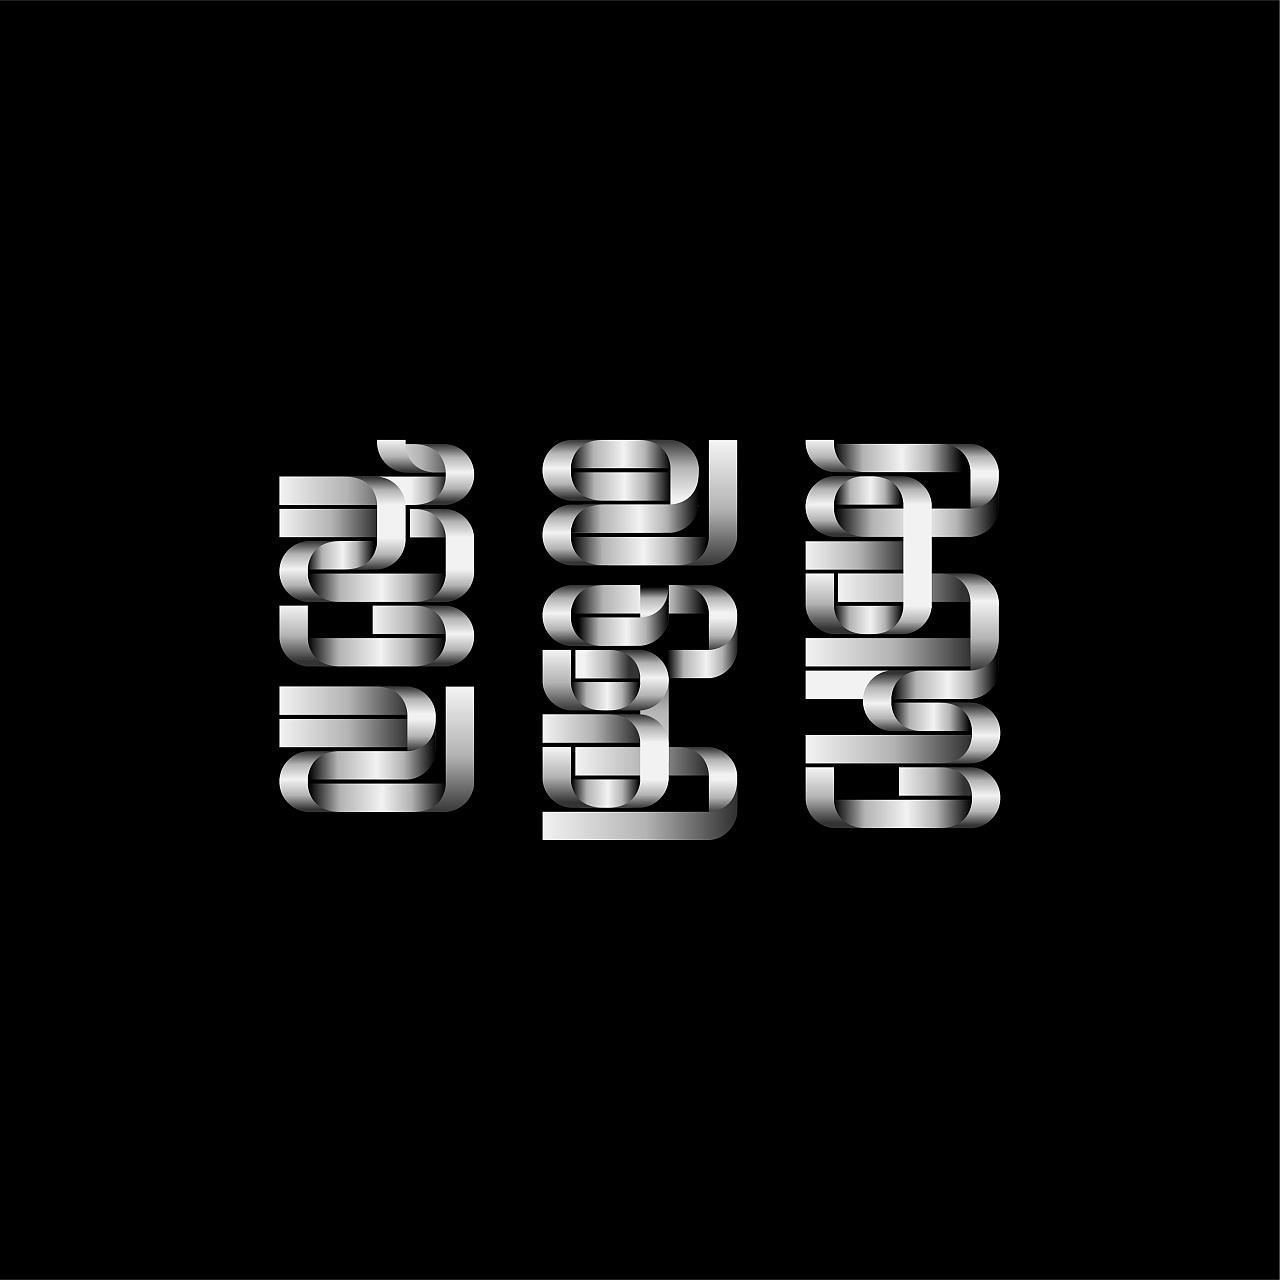 蒙古文字体设计—包立华 第14张 蒙古文字体设计—包立华 蒙古设计